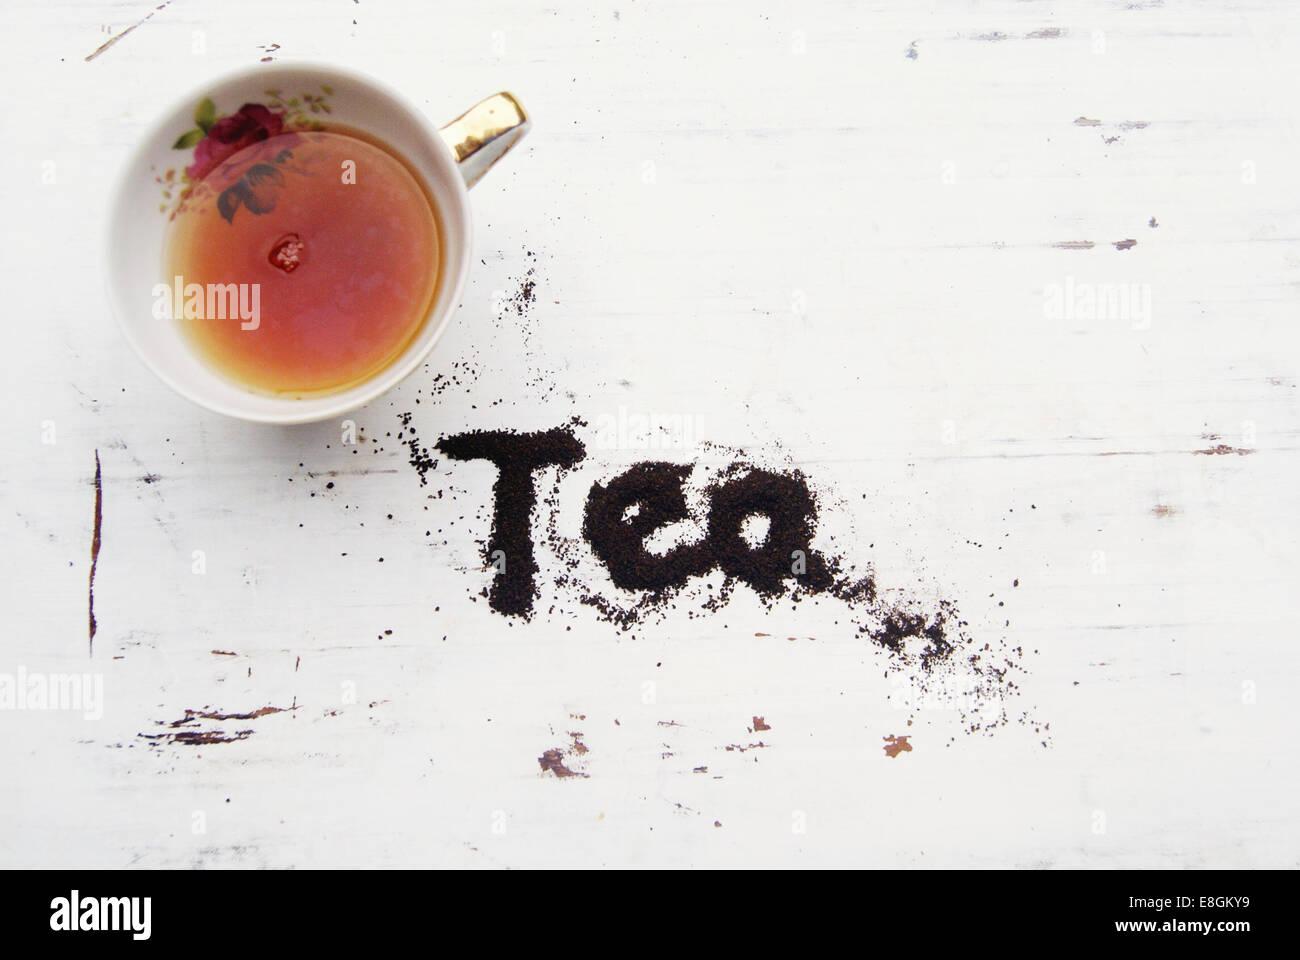 Tasse de thé avec thé mot épelé dans les feuilles de thé Photo Stock